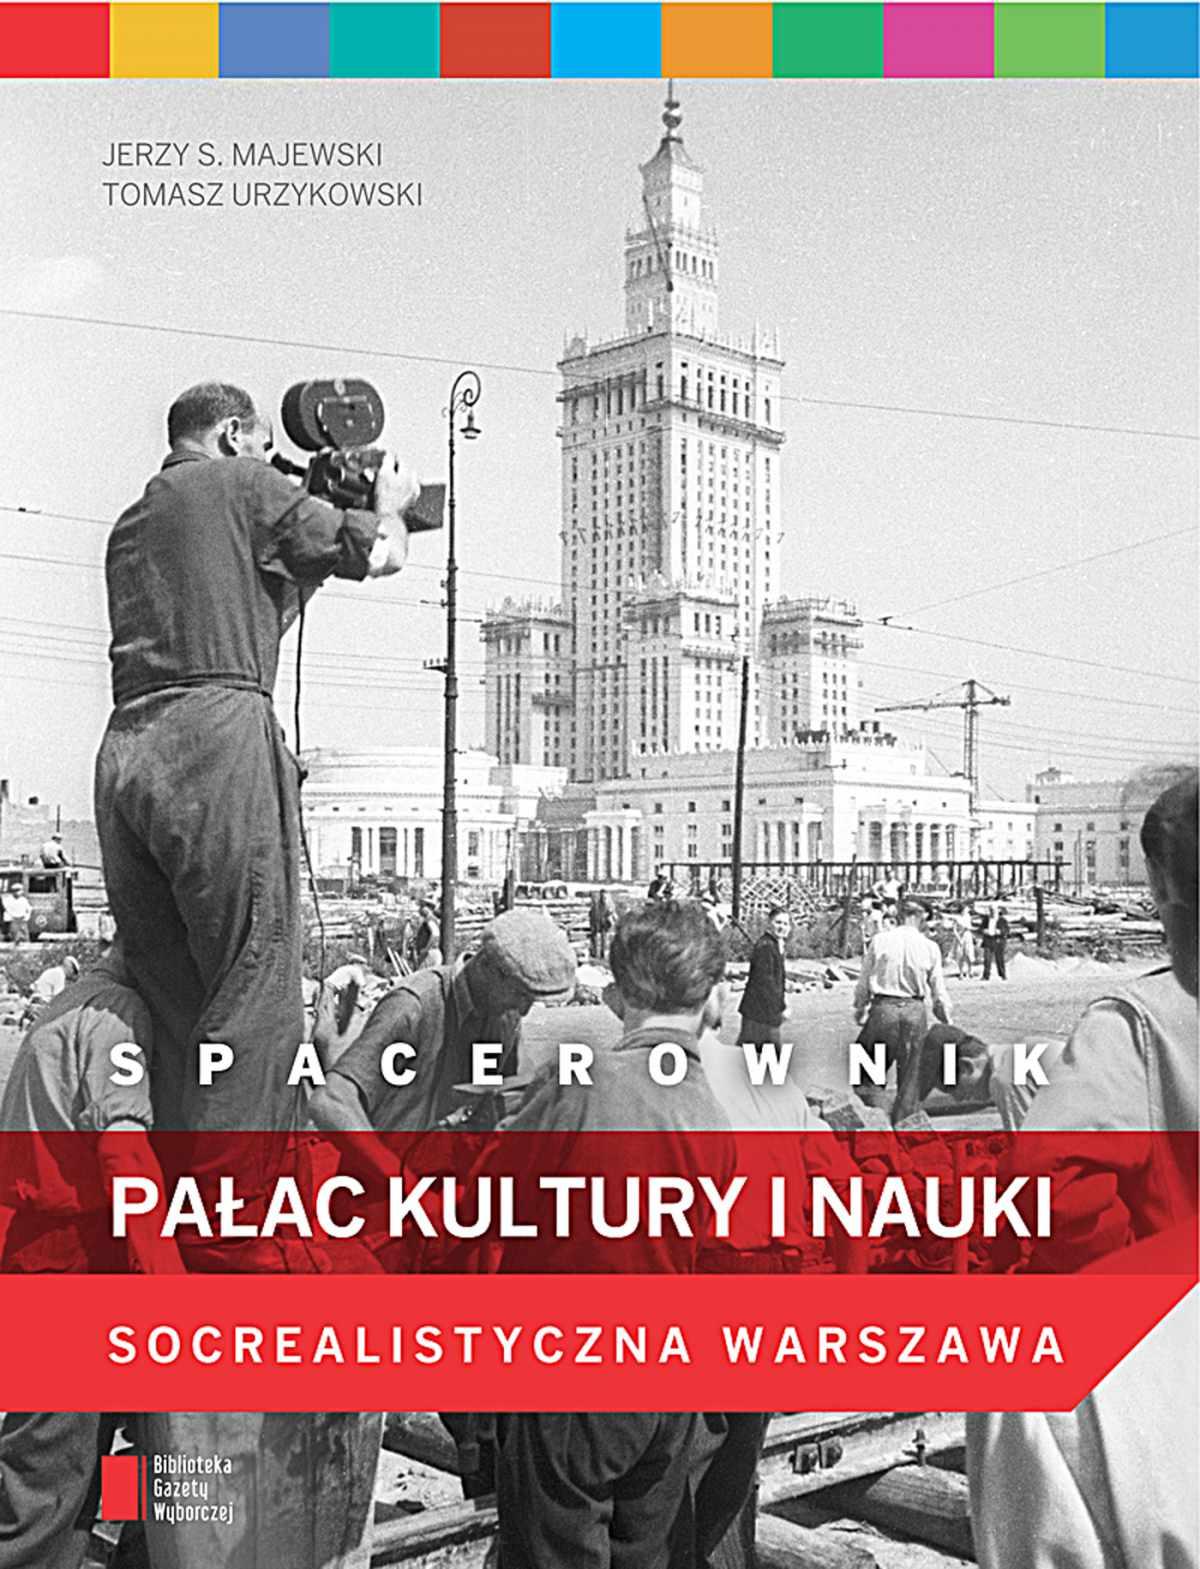 Spacerownik: Pałac Kultury i Nauki. Socrealistyczna Warszawa - Ebook (Książka PDF) do pobrania w formacie PDF